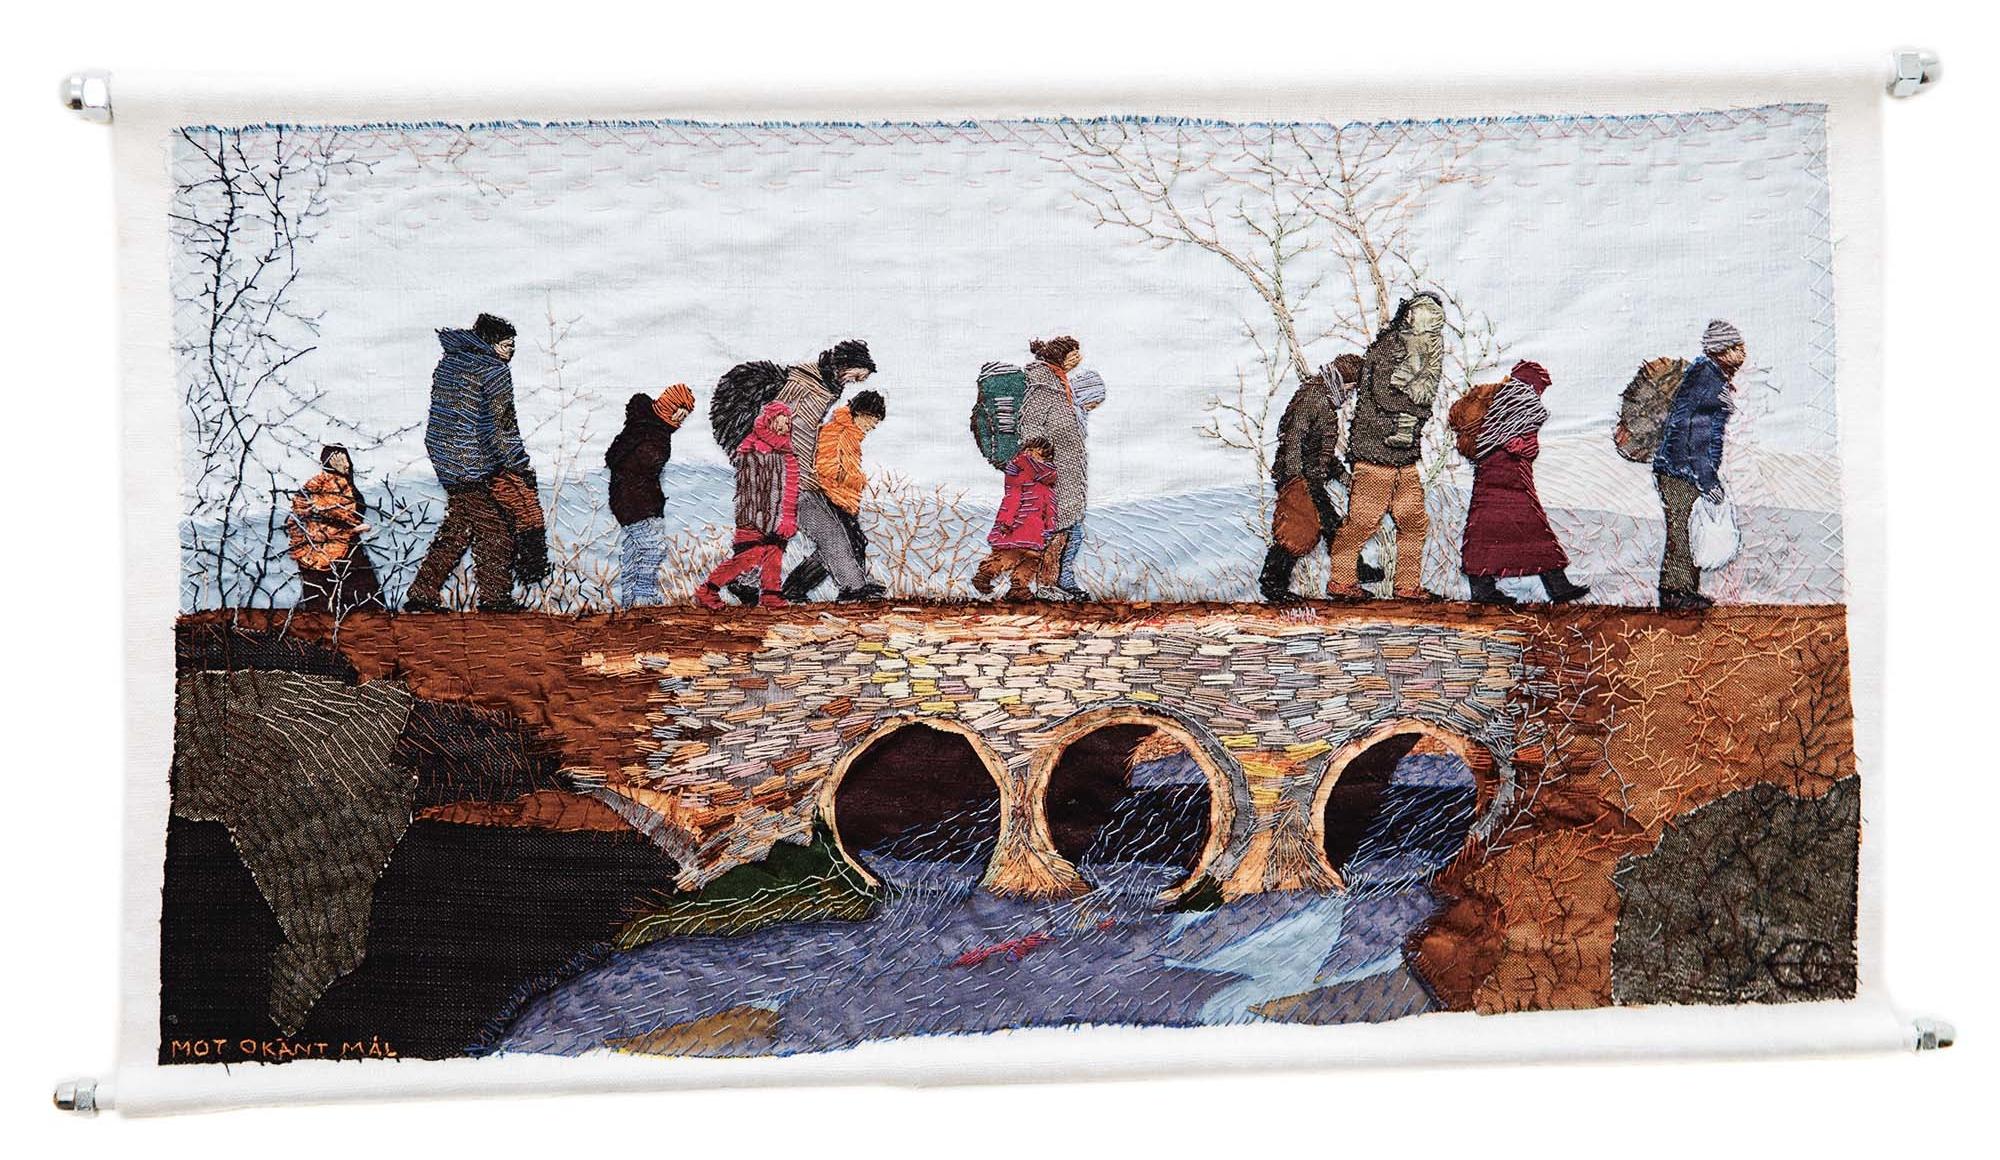 Broderi som föreställer hukande människor korsar en bro